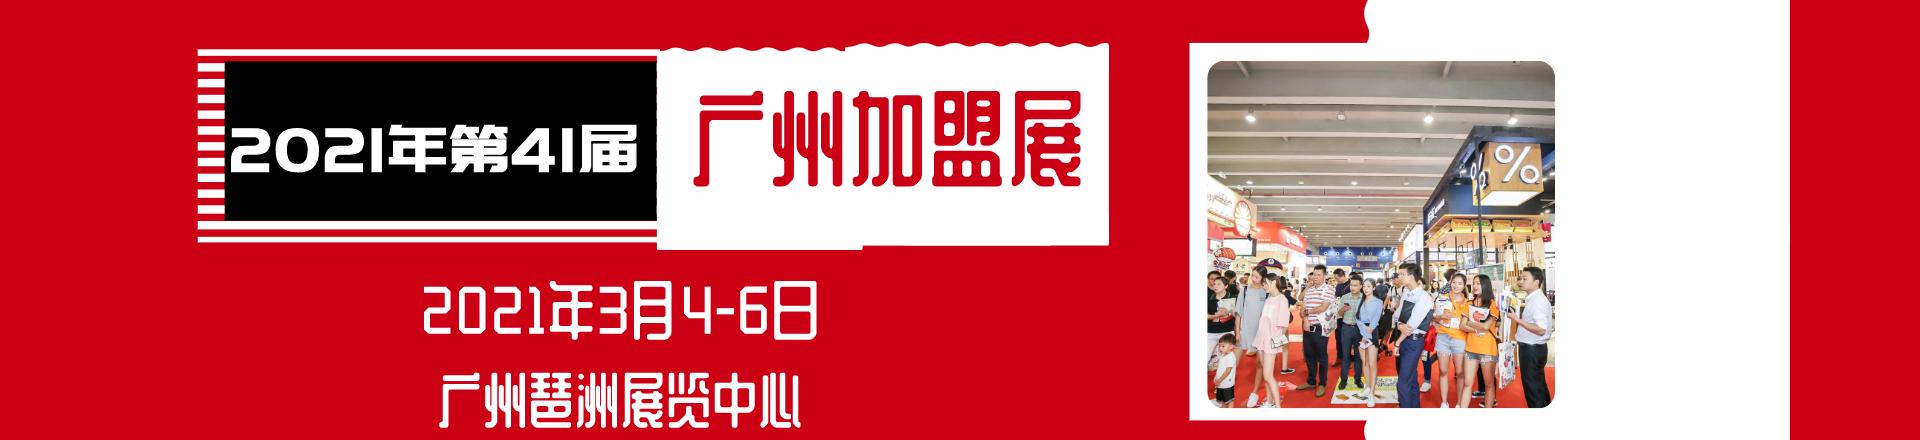 2021GFE第41屆廣州特許連鎖加盟展